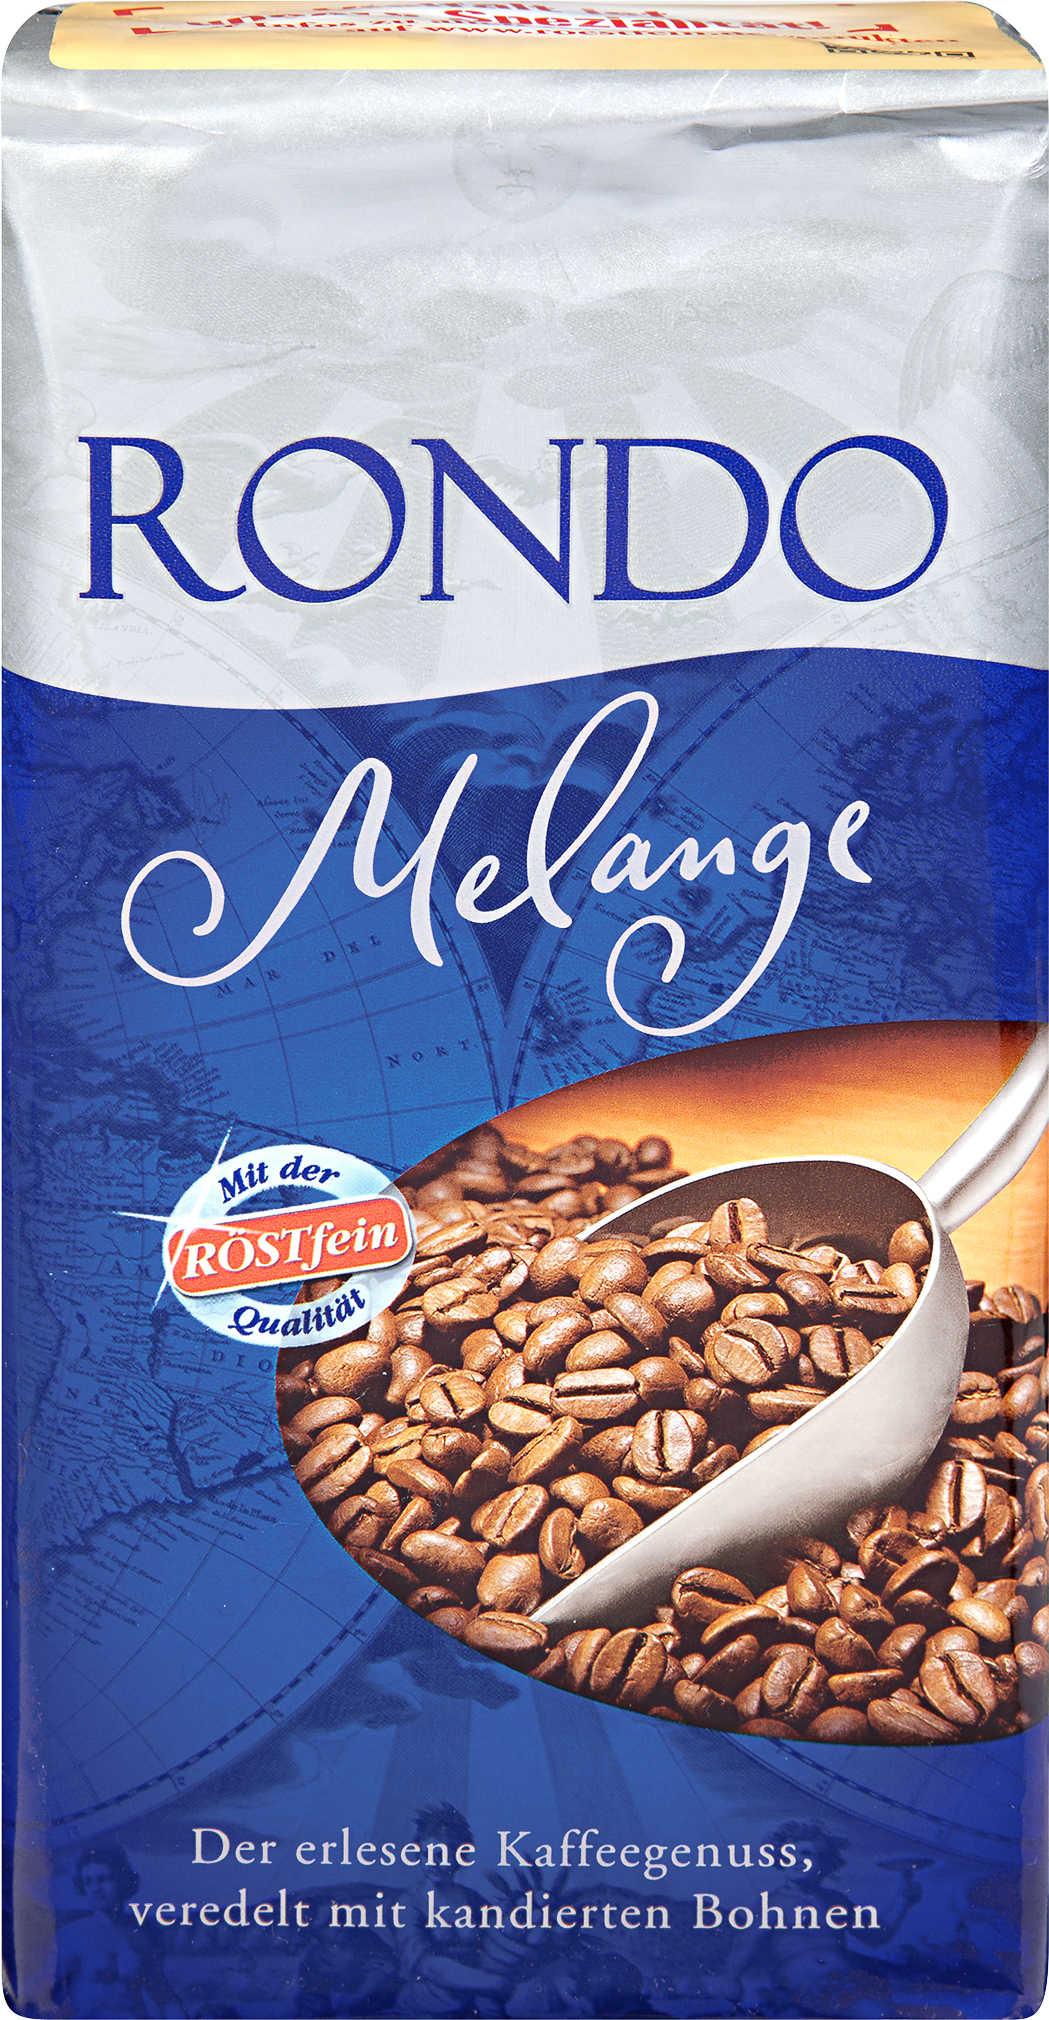 [Kaufland][Neue Bundesländer+Berlin] Kaffee Röstfein Rondo Melange ab 2,50€